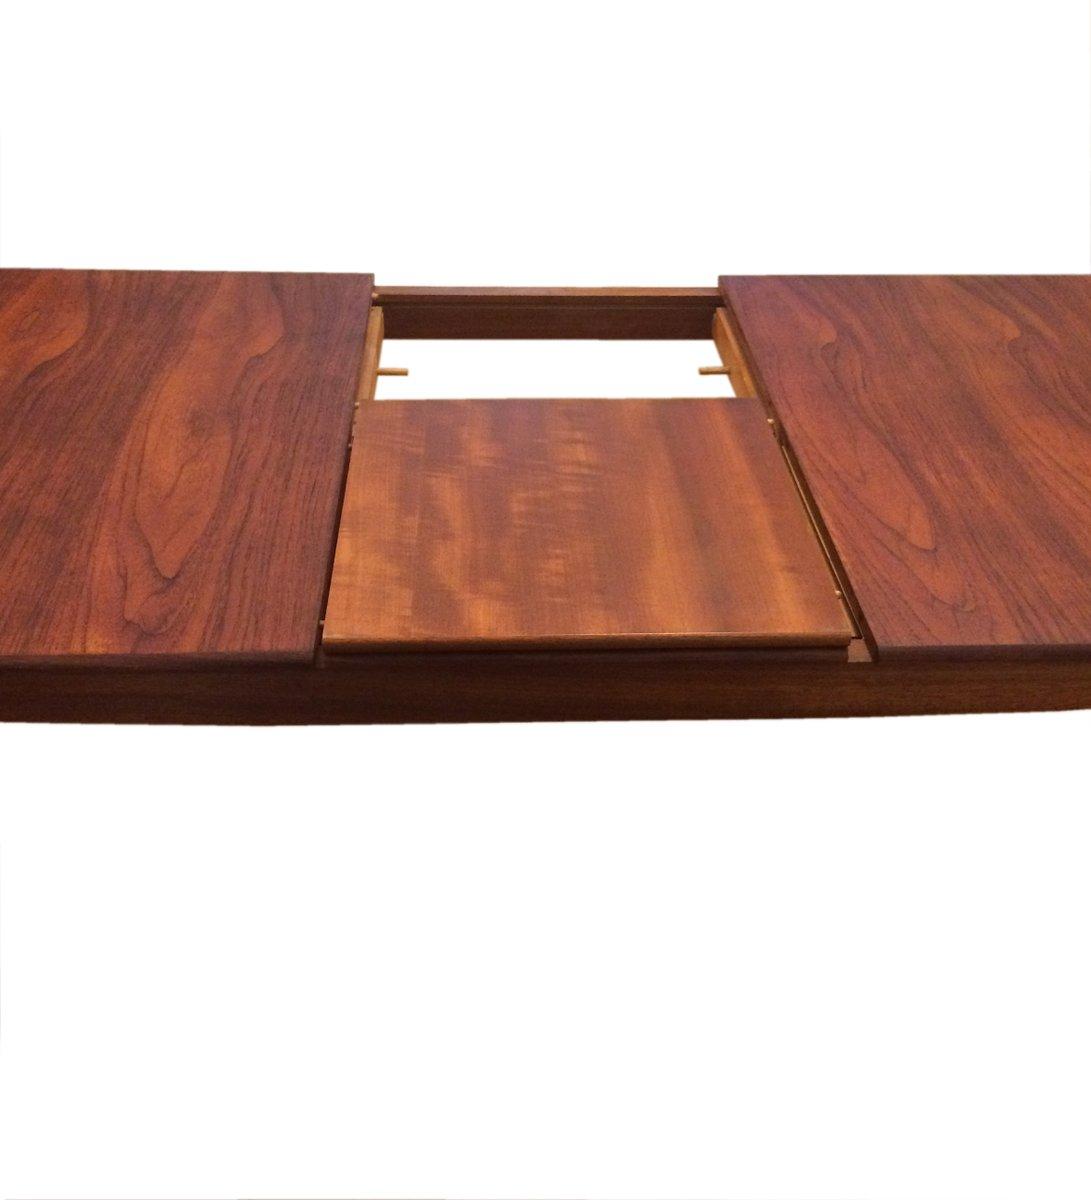 Table de salle manger 8 places mid century en teck par for Salle a manger 6 places